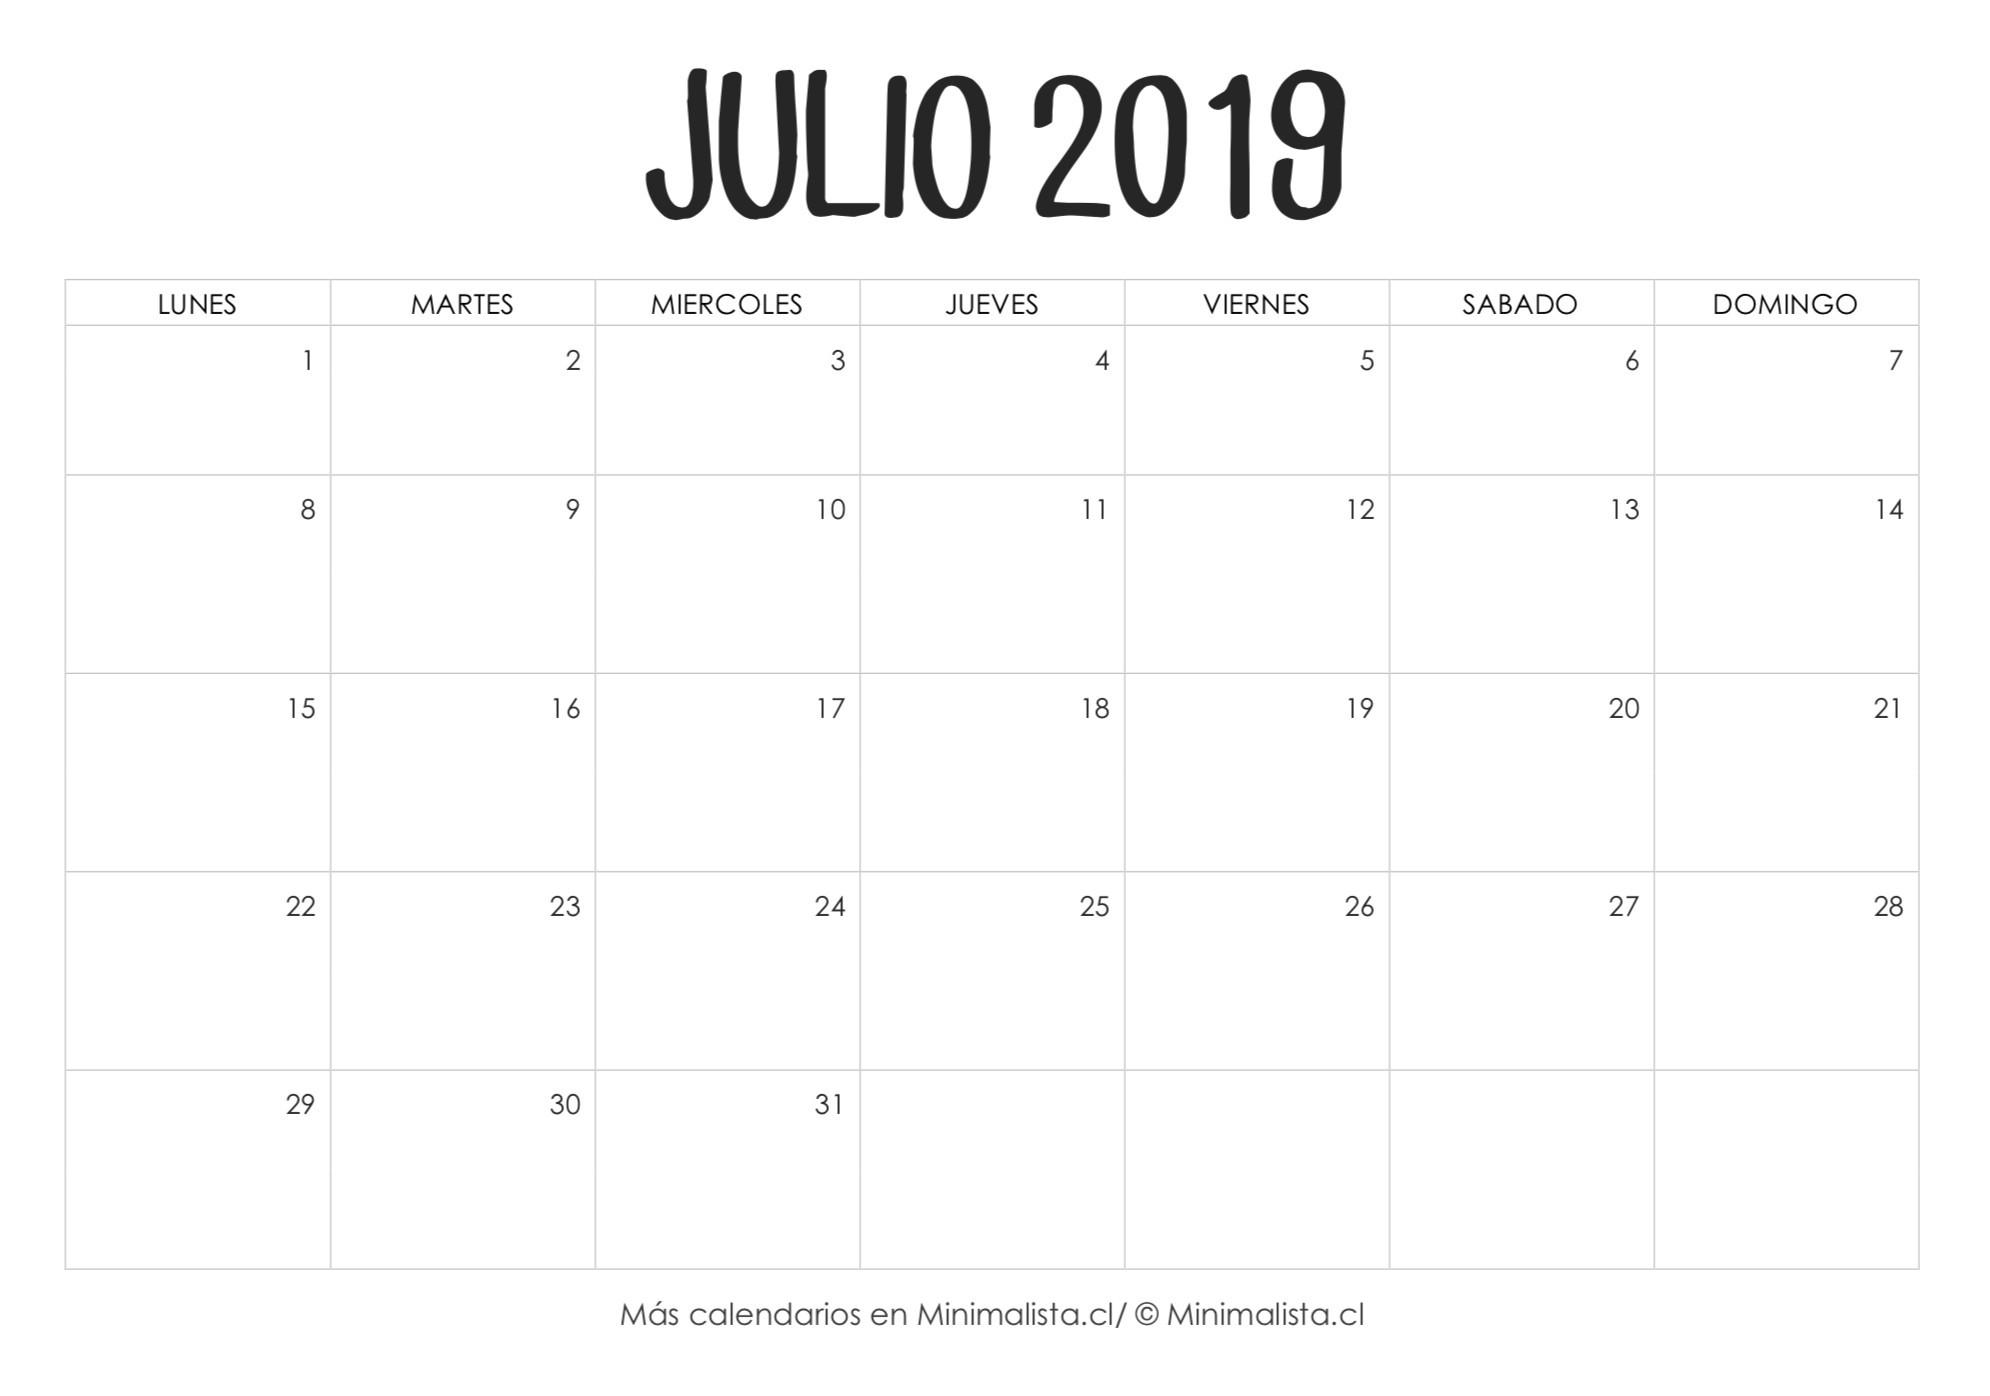 Calendario 2019 Imprimir Festivos Actual Esto Es Exactamente Calendario 2019 Y 2019 Para Imprimir Of Calendario 2019 Imprimir Festivos Más Recientes Medios Calendario 2016 Para Imprimir Con Feriados Chile